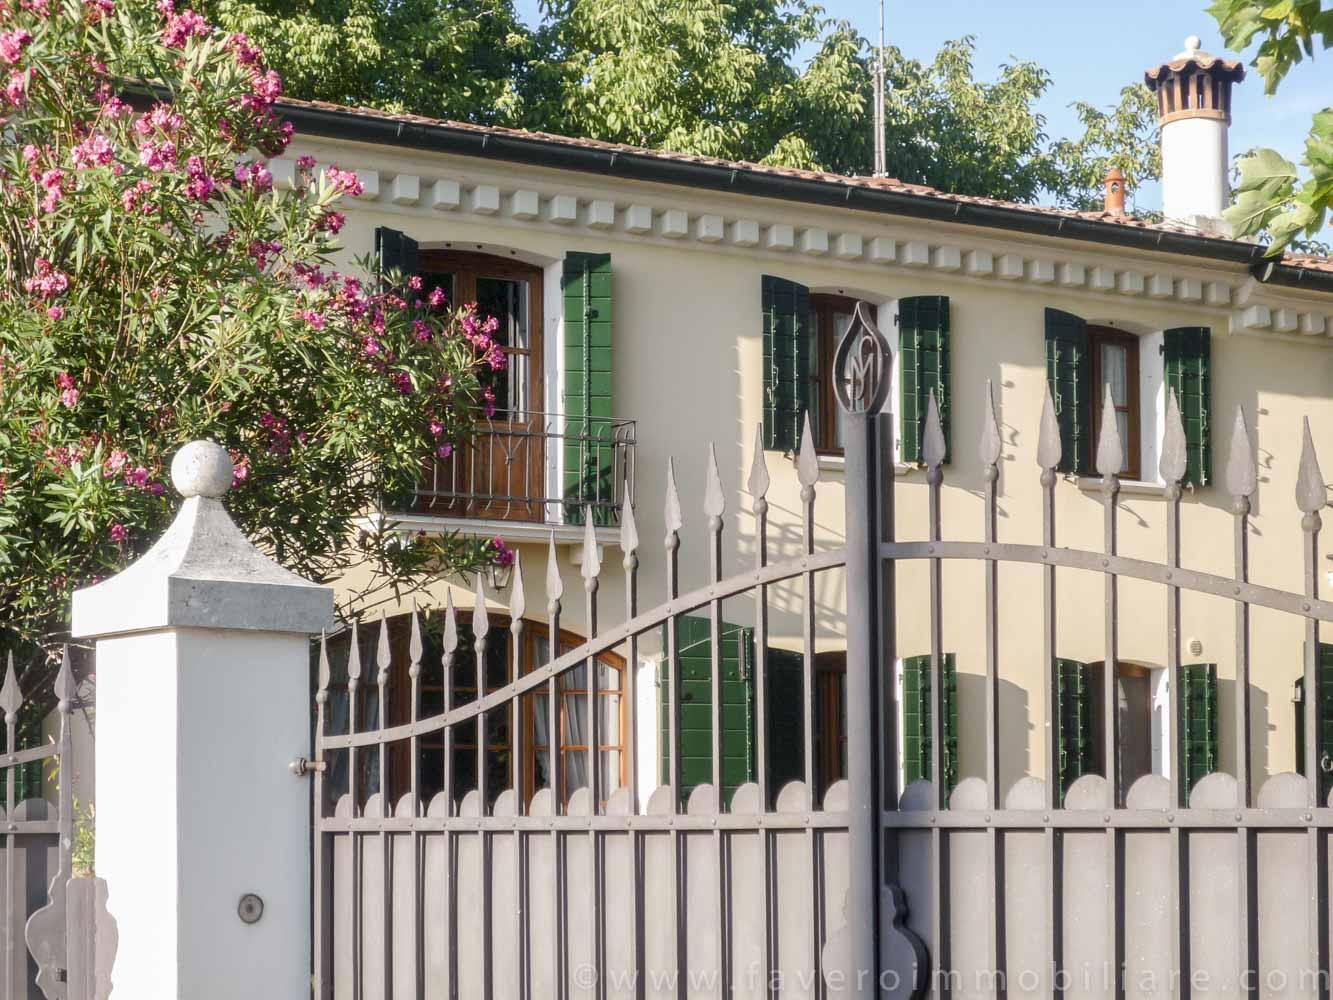 S giorgio delle pertiche splendida casa colonica di for Casa vivente del sud progetta la casa colonica